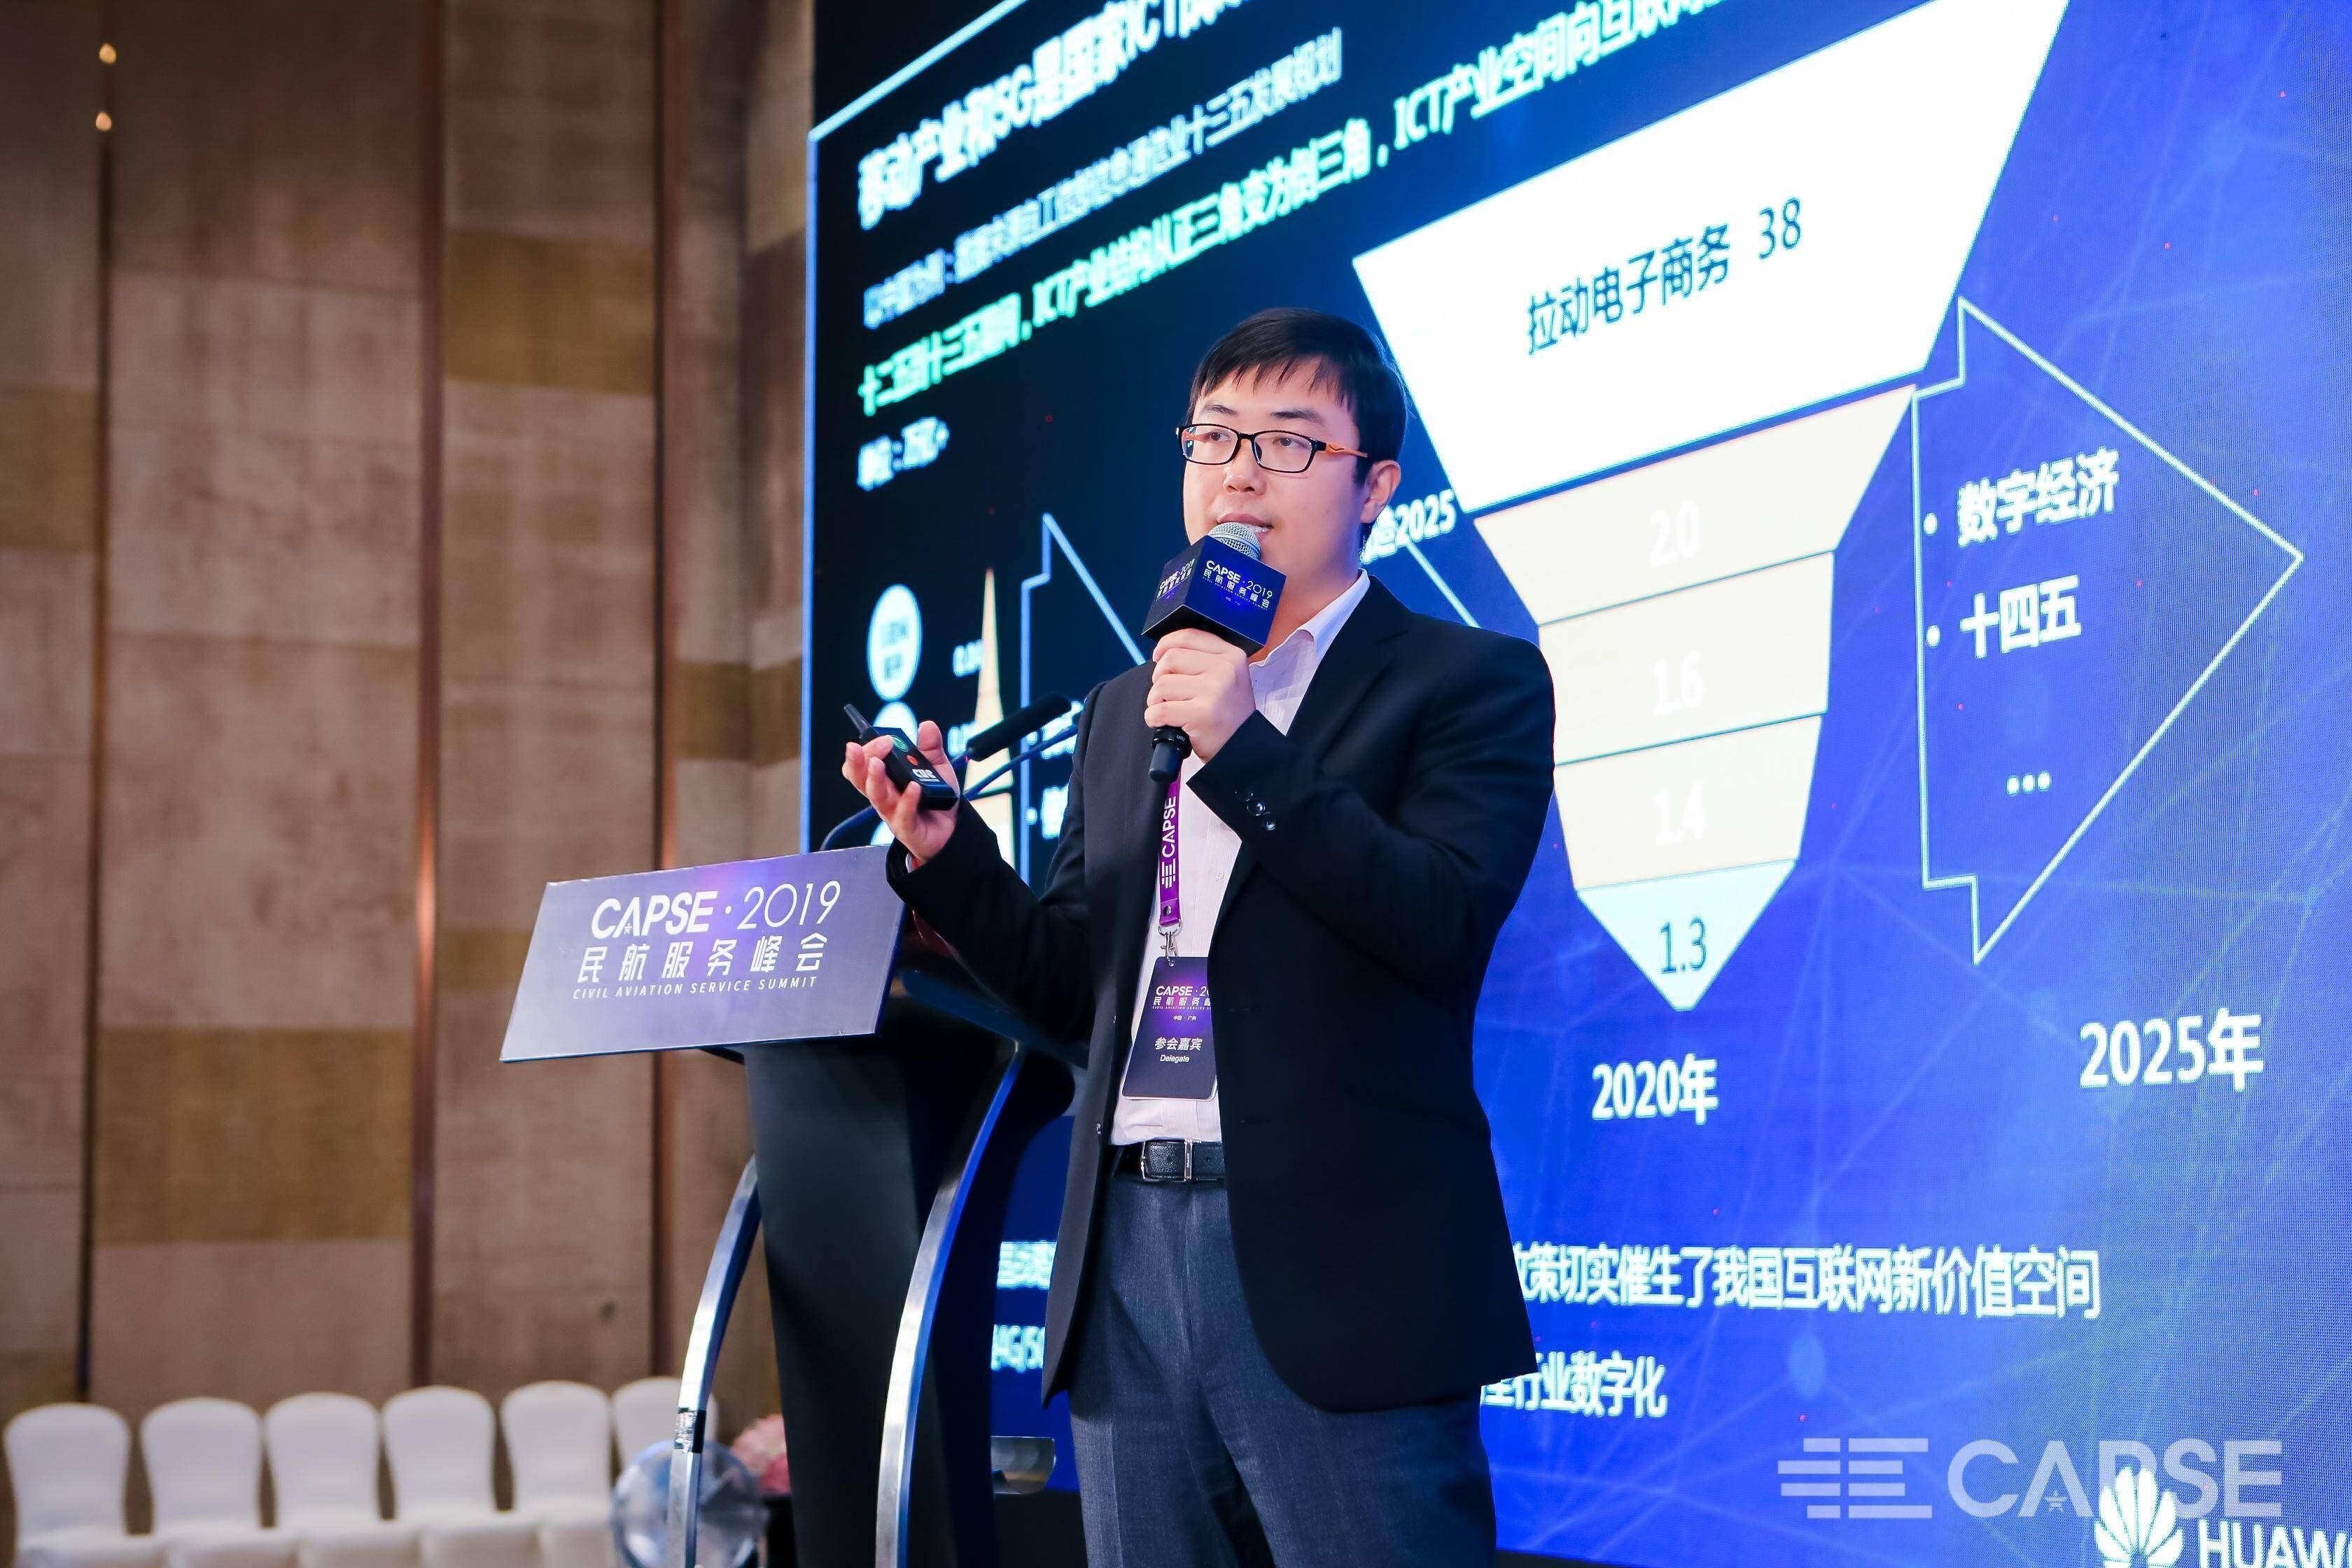 CAPSE民航服务峰会 5G网络助力民航强国